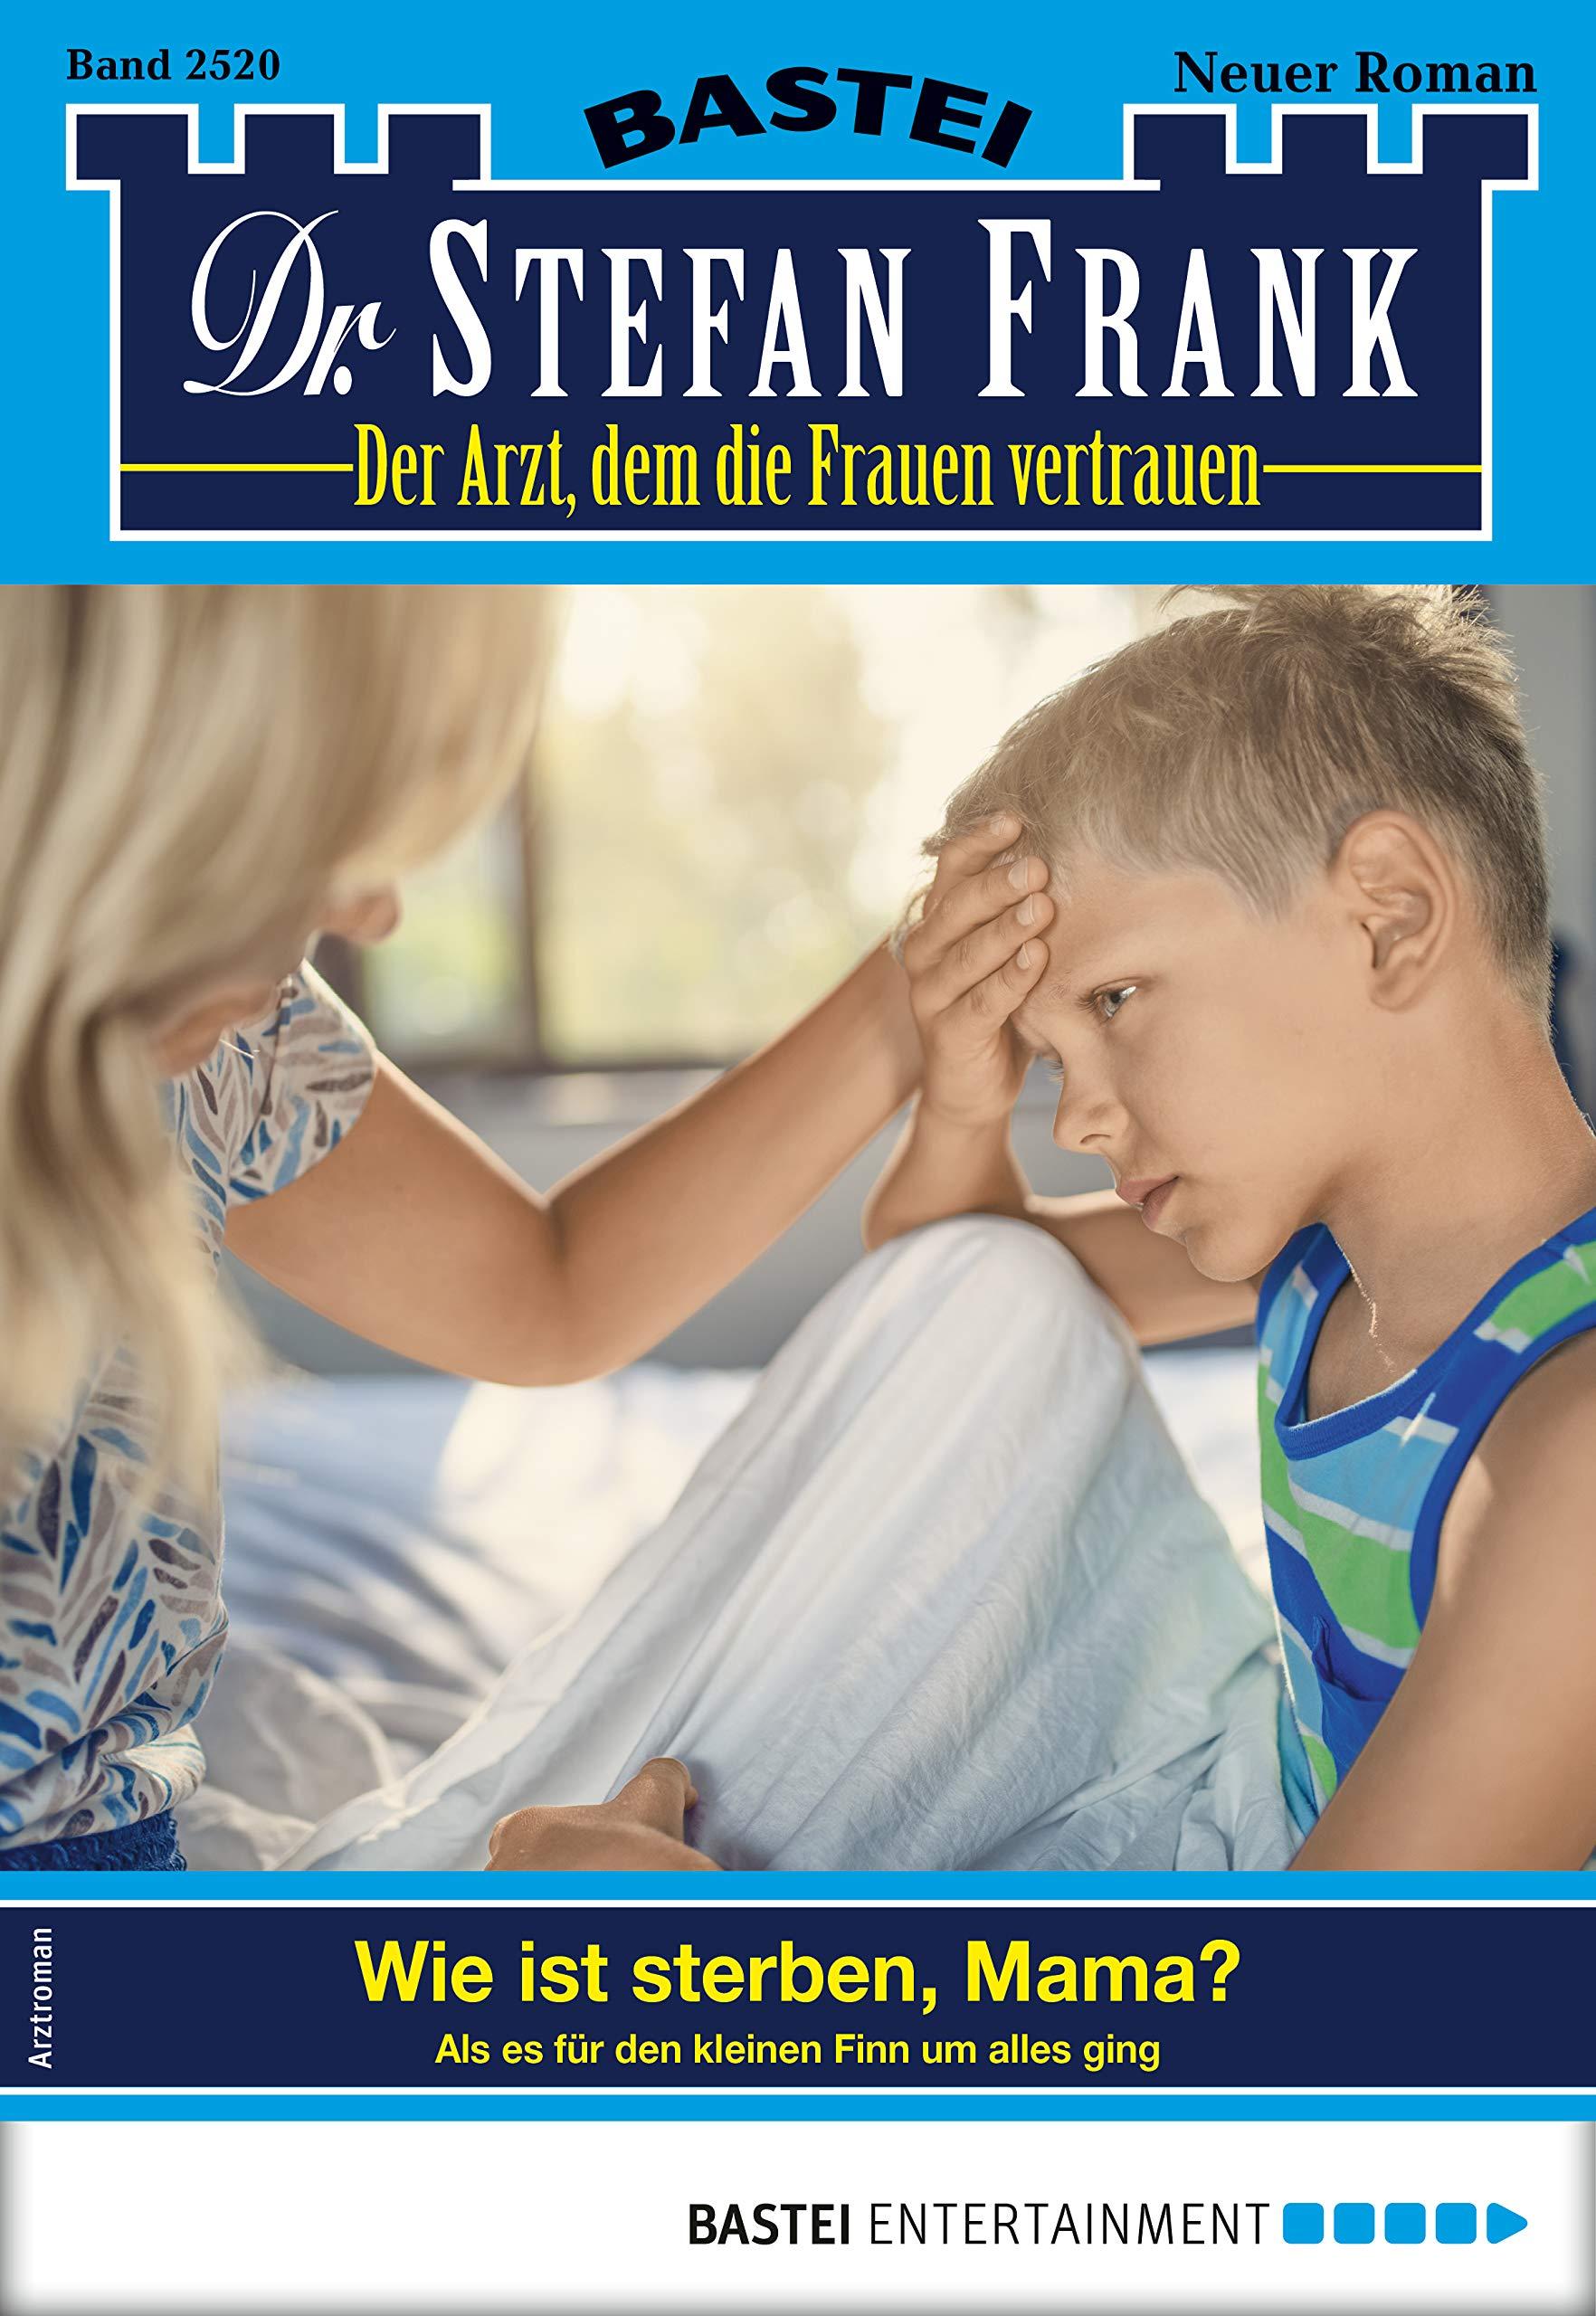 Dr. Stefan Frank 2520   Arztroman  Wie Ist Sterben Mama